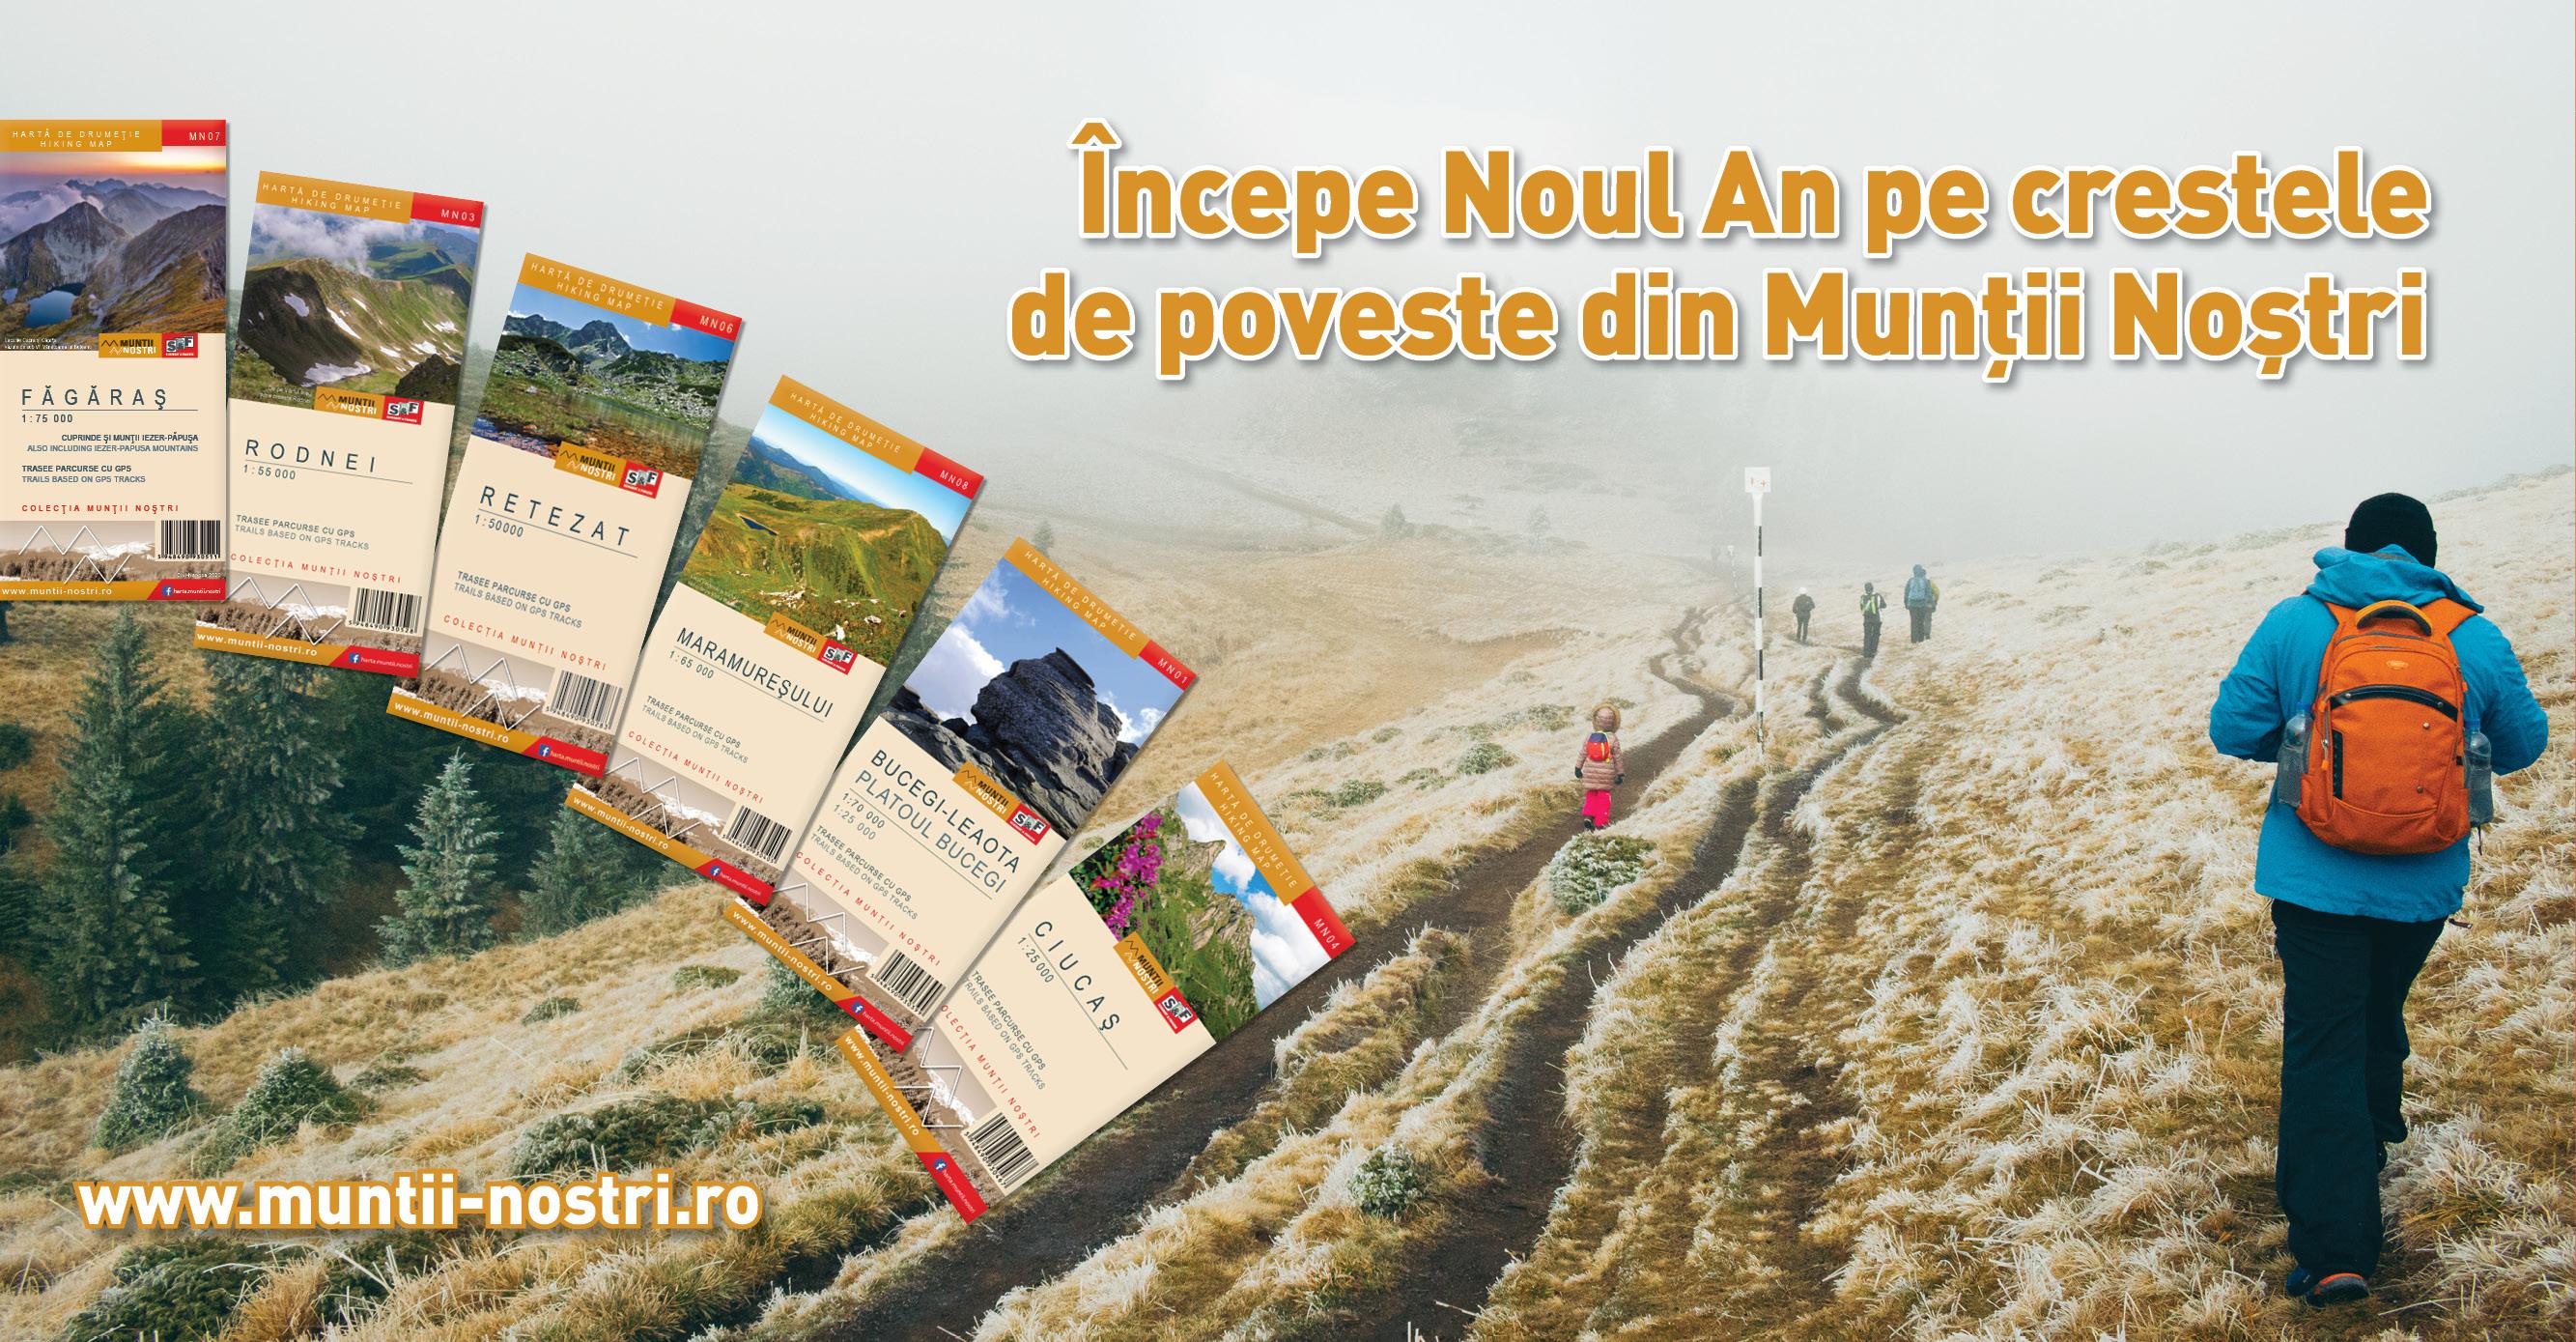 Începe Noul An pe creste cu hărțile Munții Noștri